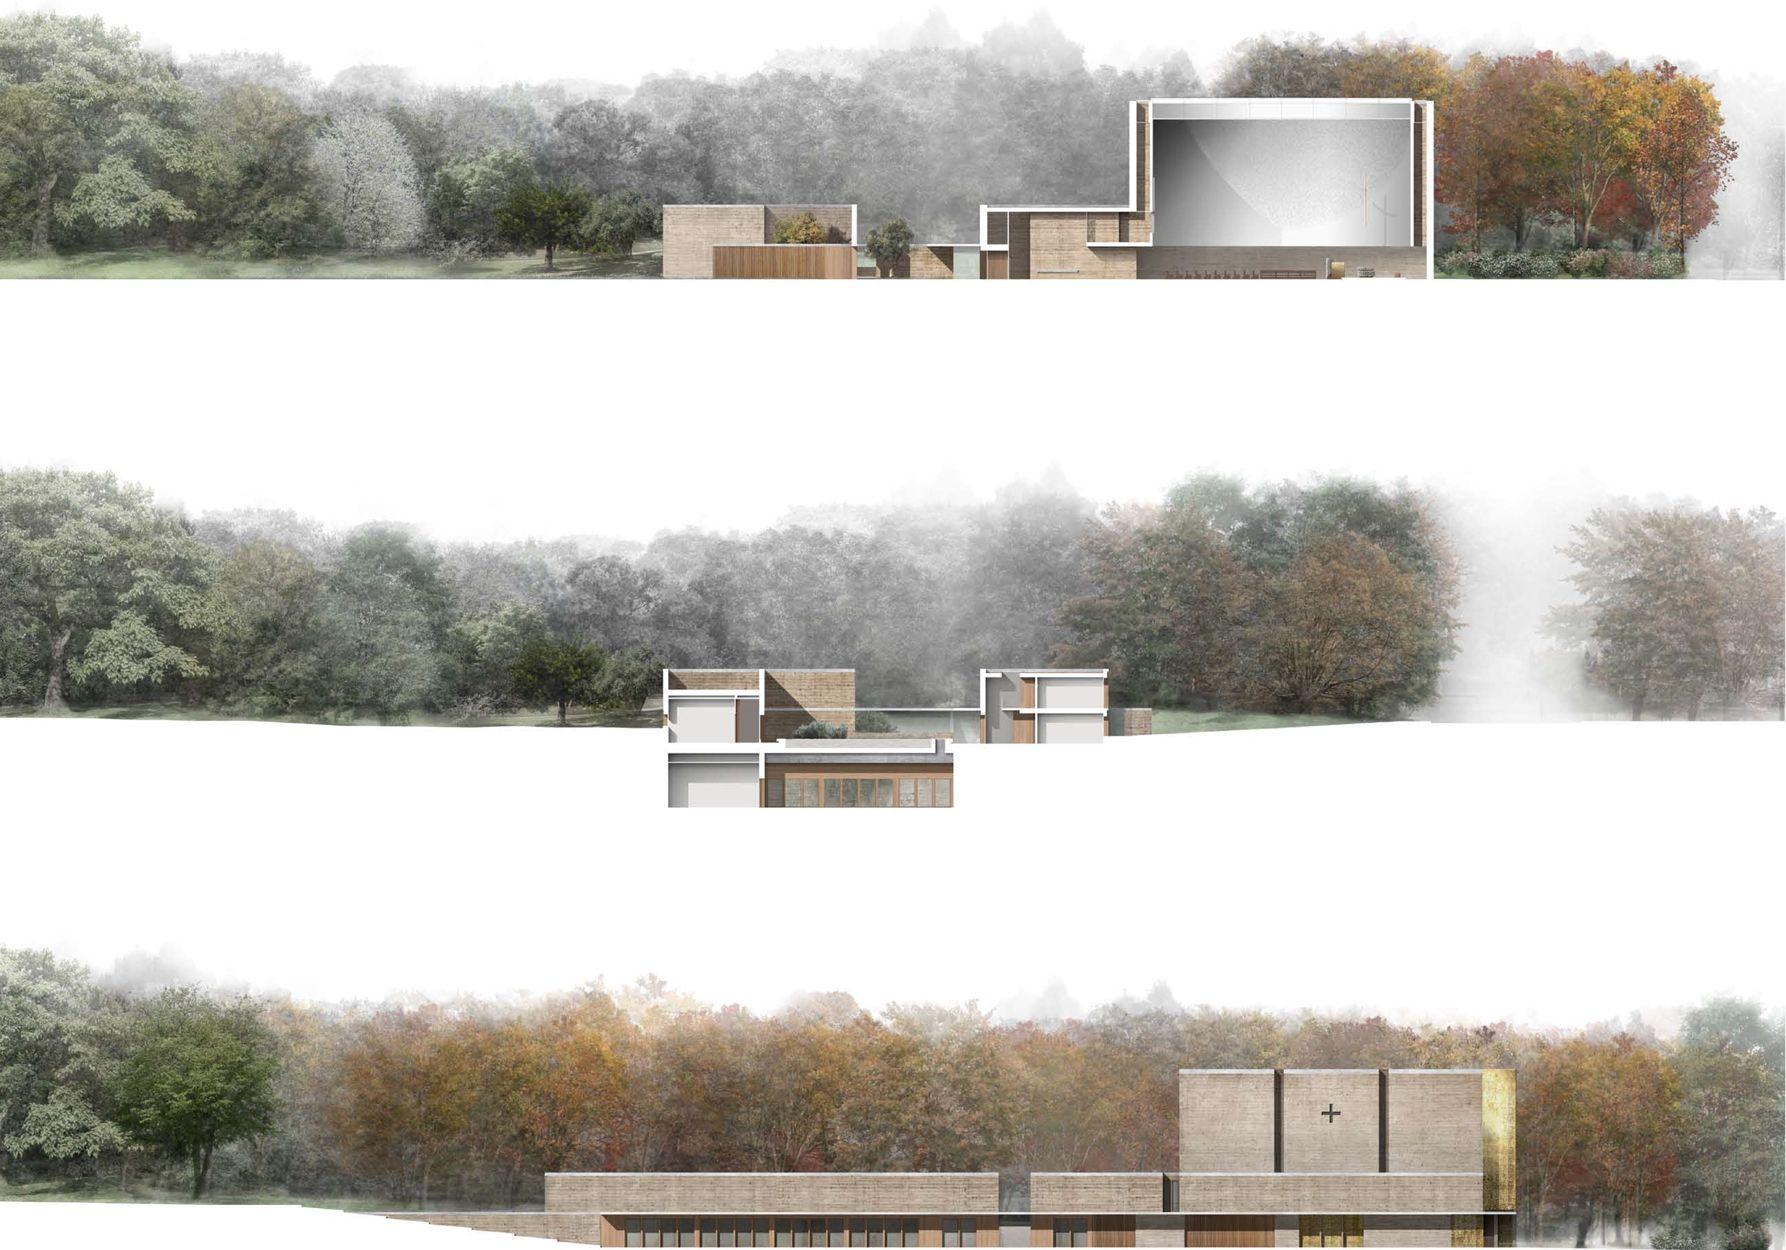 sanbenedetto02 008 architecture boards pinterest architektur architektur visualisierung. Black Bedroom Furniture Sets. Home Design Ideas